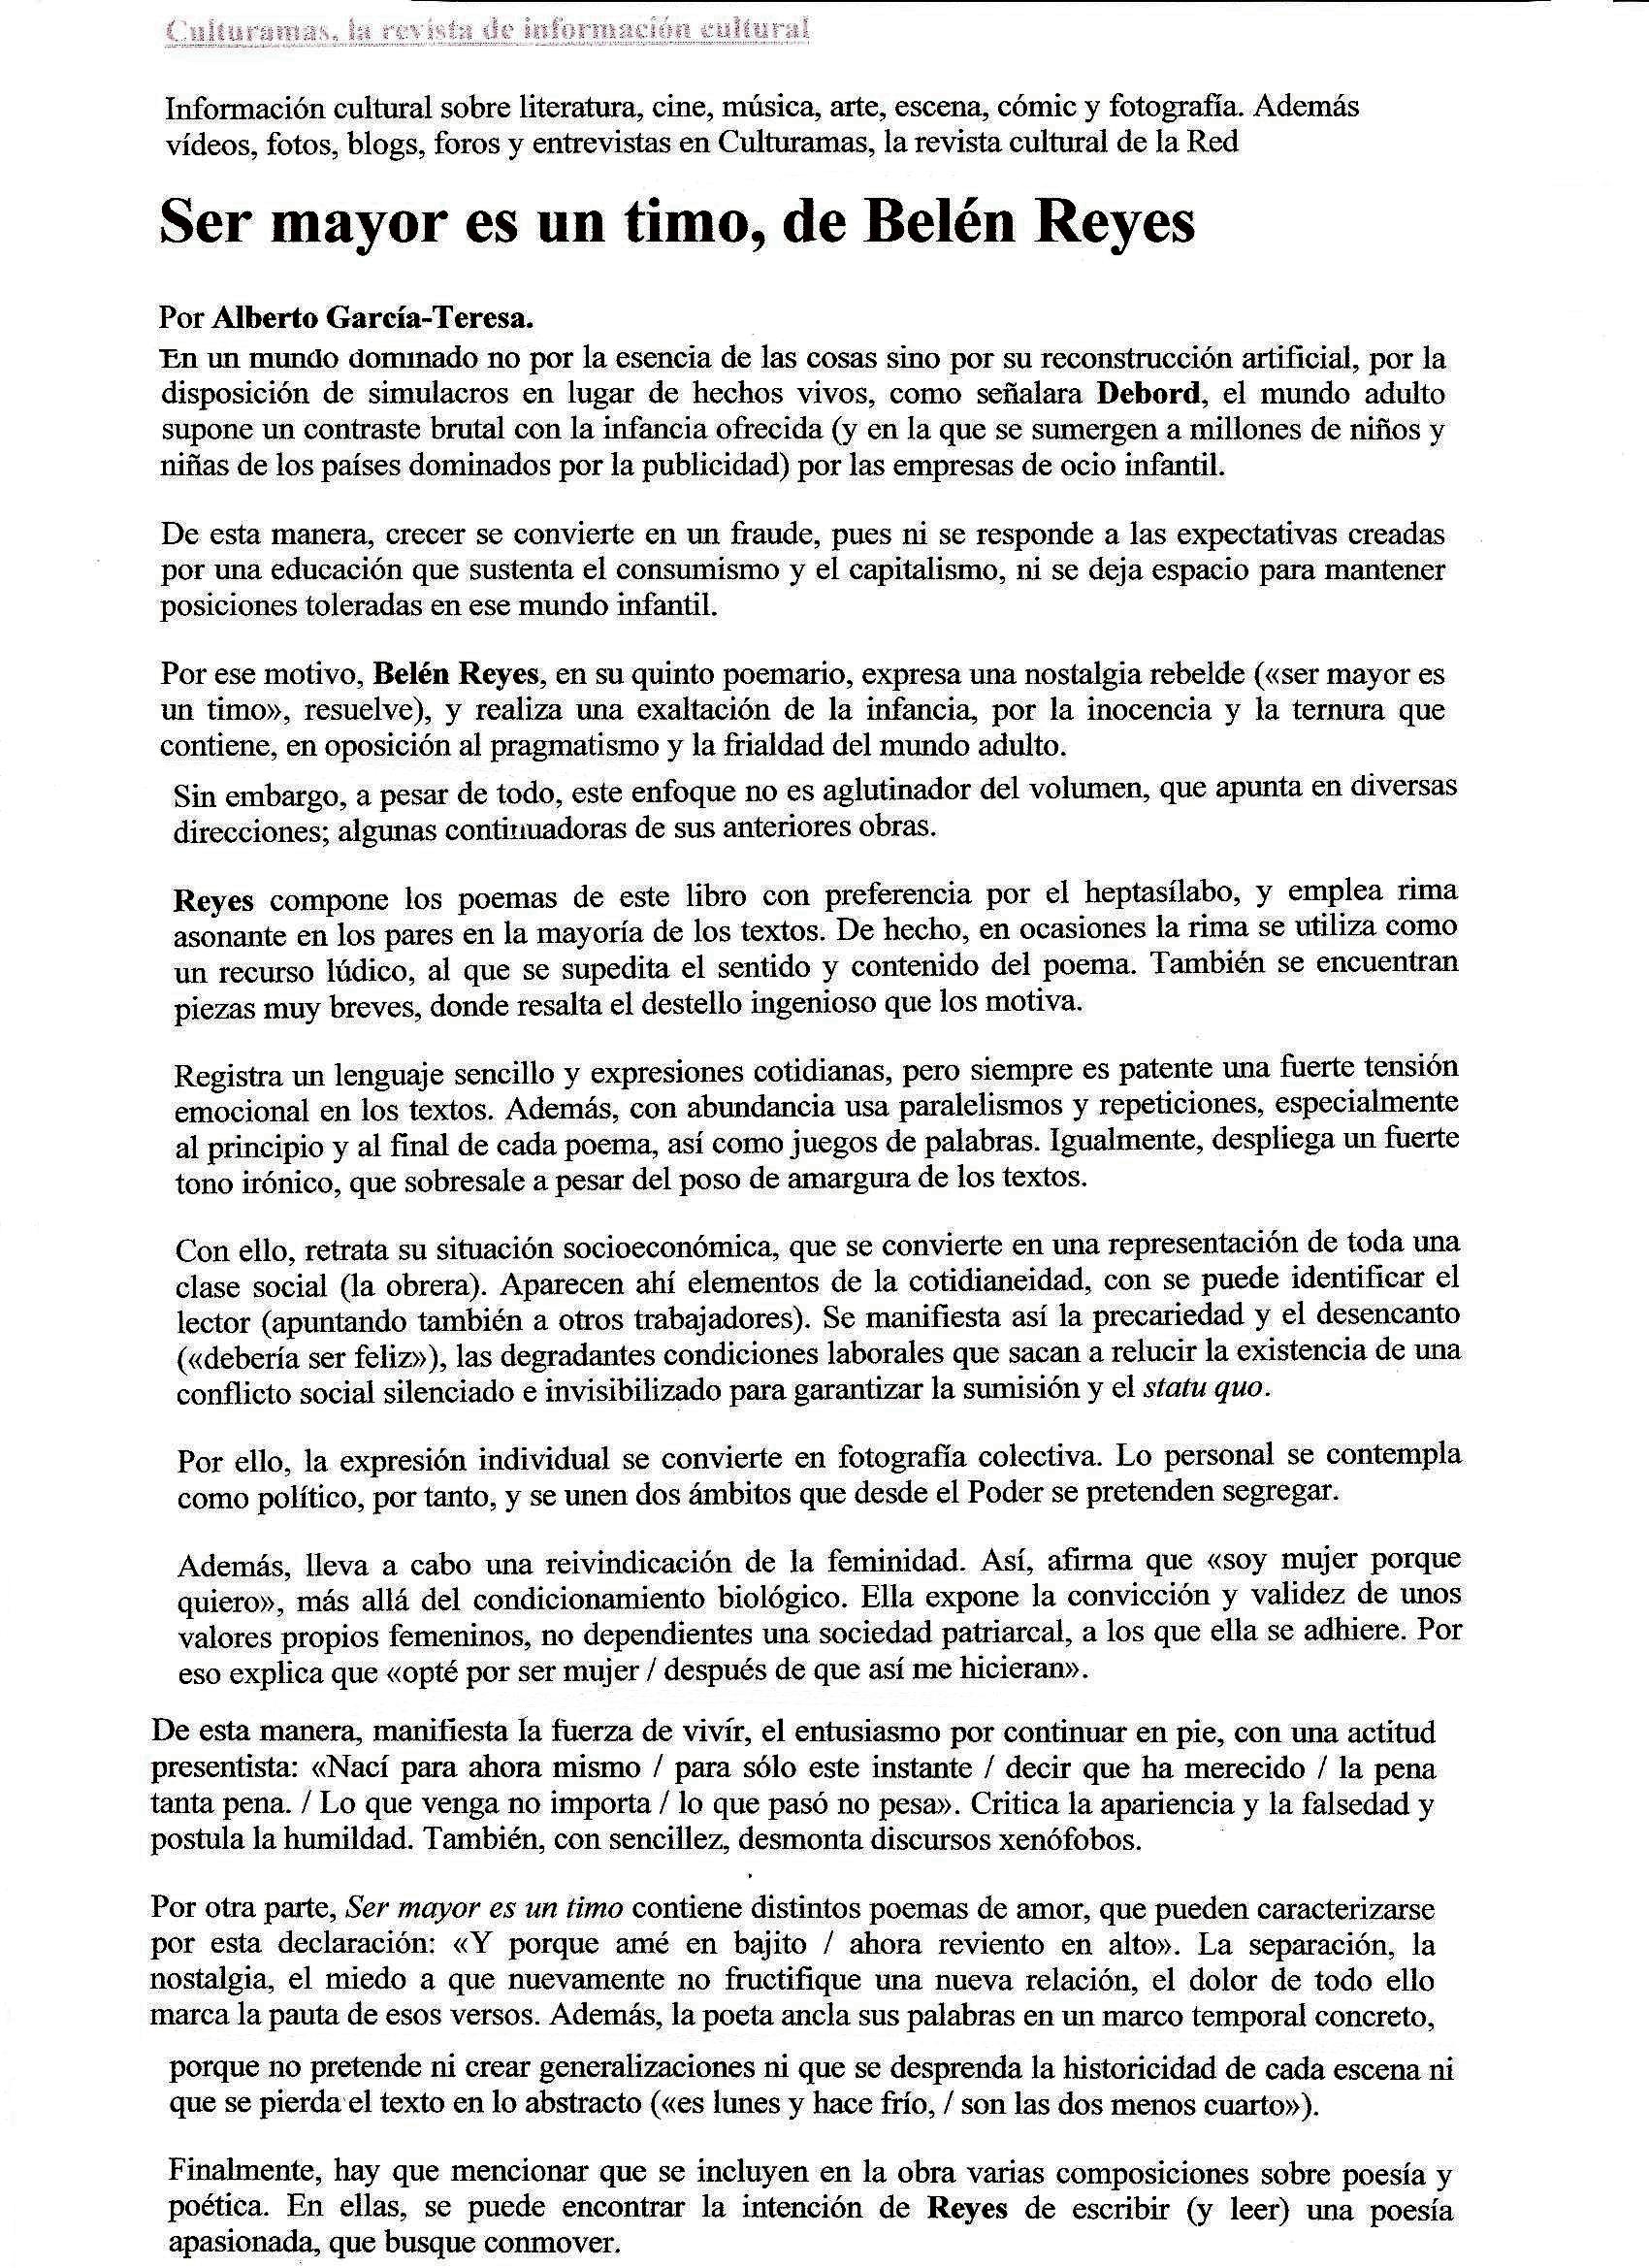 """CULTURAMAS: """"Ser mayor es un timo"""", de Belén Reyes, por Alberto García-Teresa."""